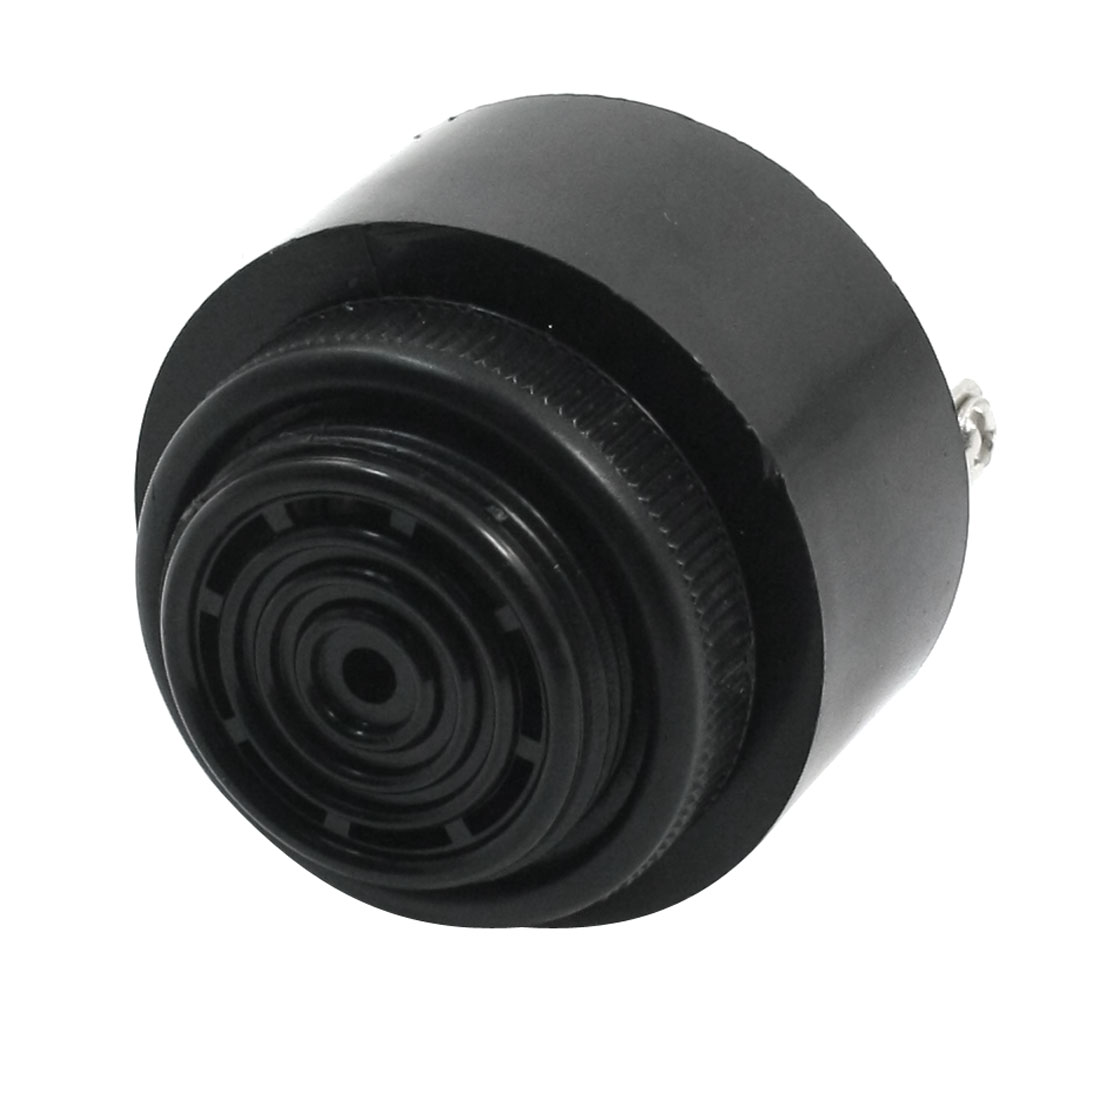 DC 24V 10A Industrial Audio Active Electronic Alarm Buzzer